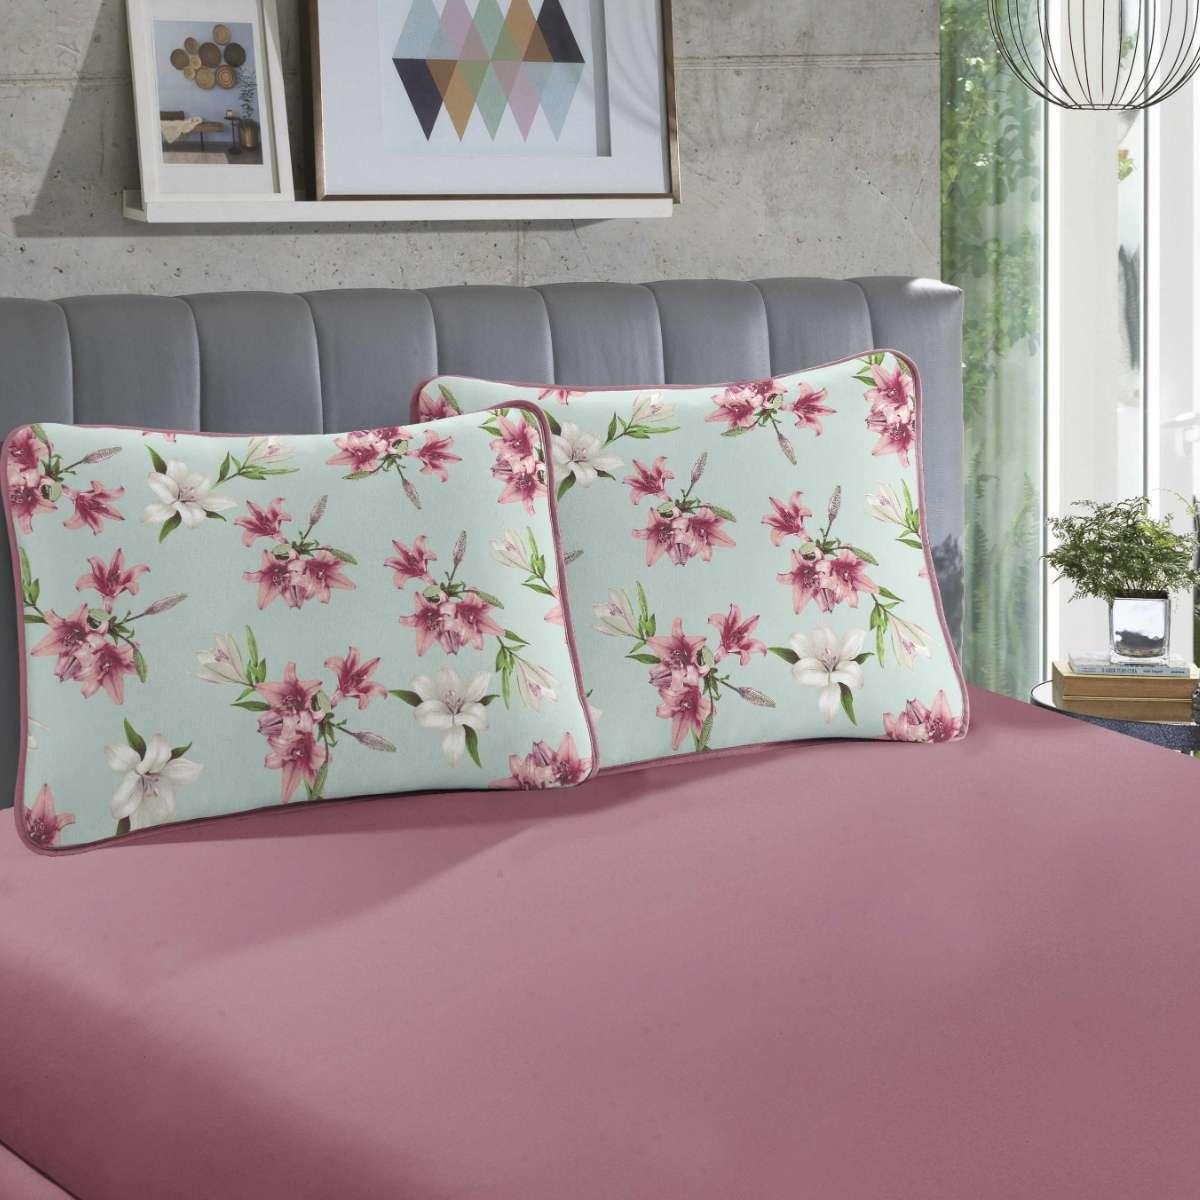 Jogo de cama em malha QUEEN 100% Algodão - 1 Lençol QUEEN com elástico em toda a volta + 2 fronhas estampadas Daphne Rose